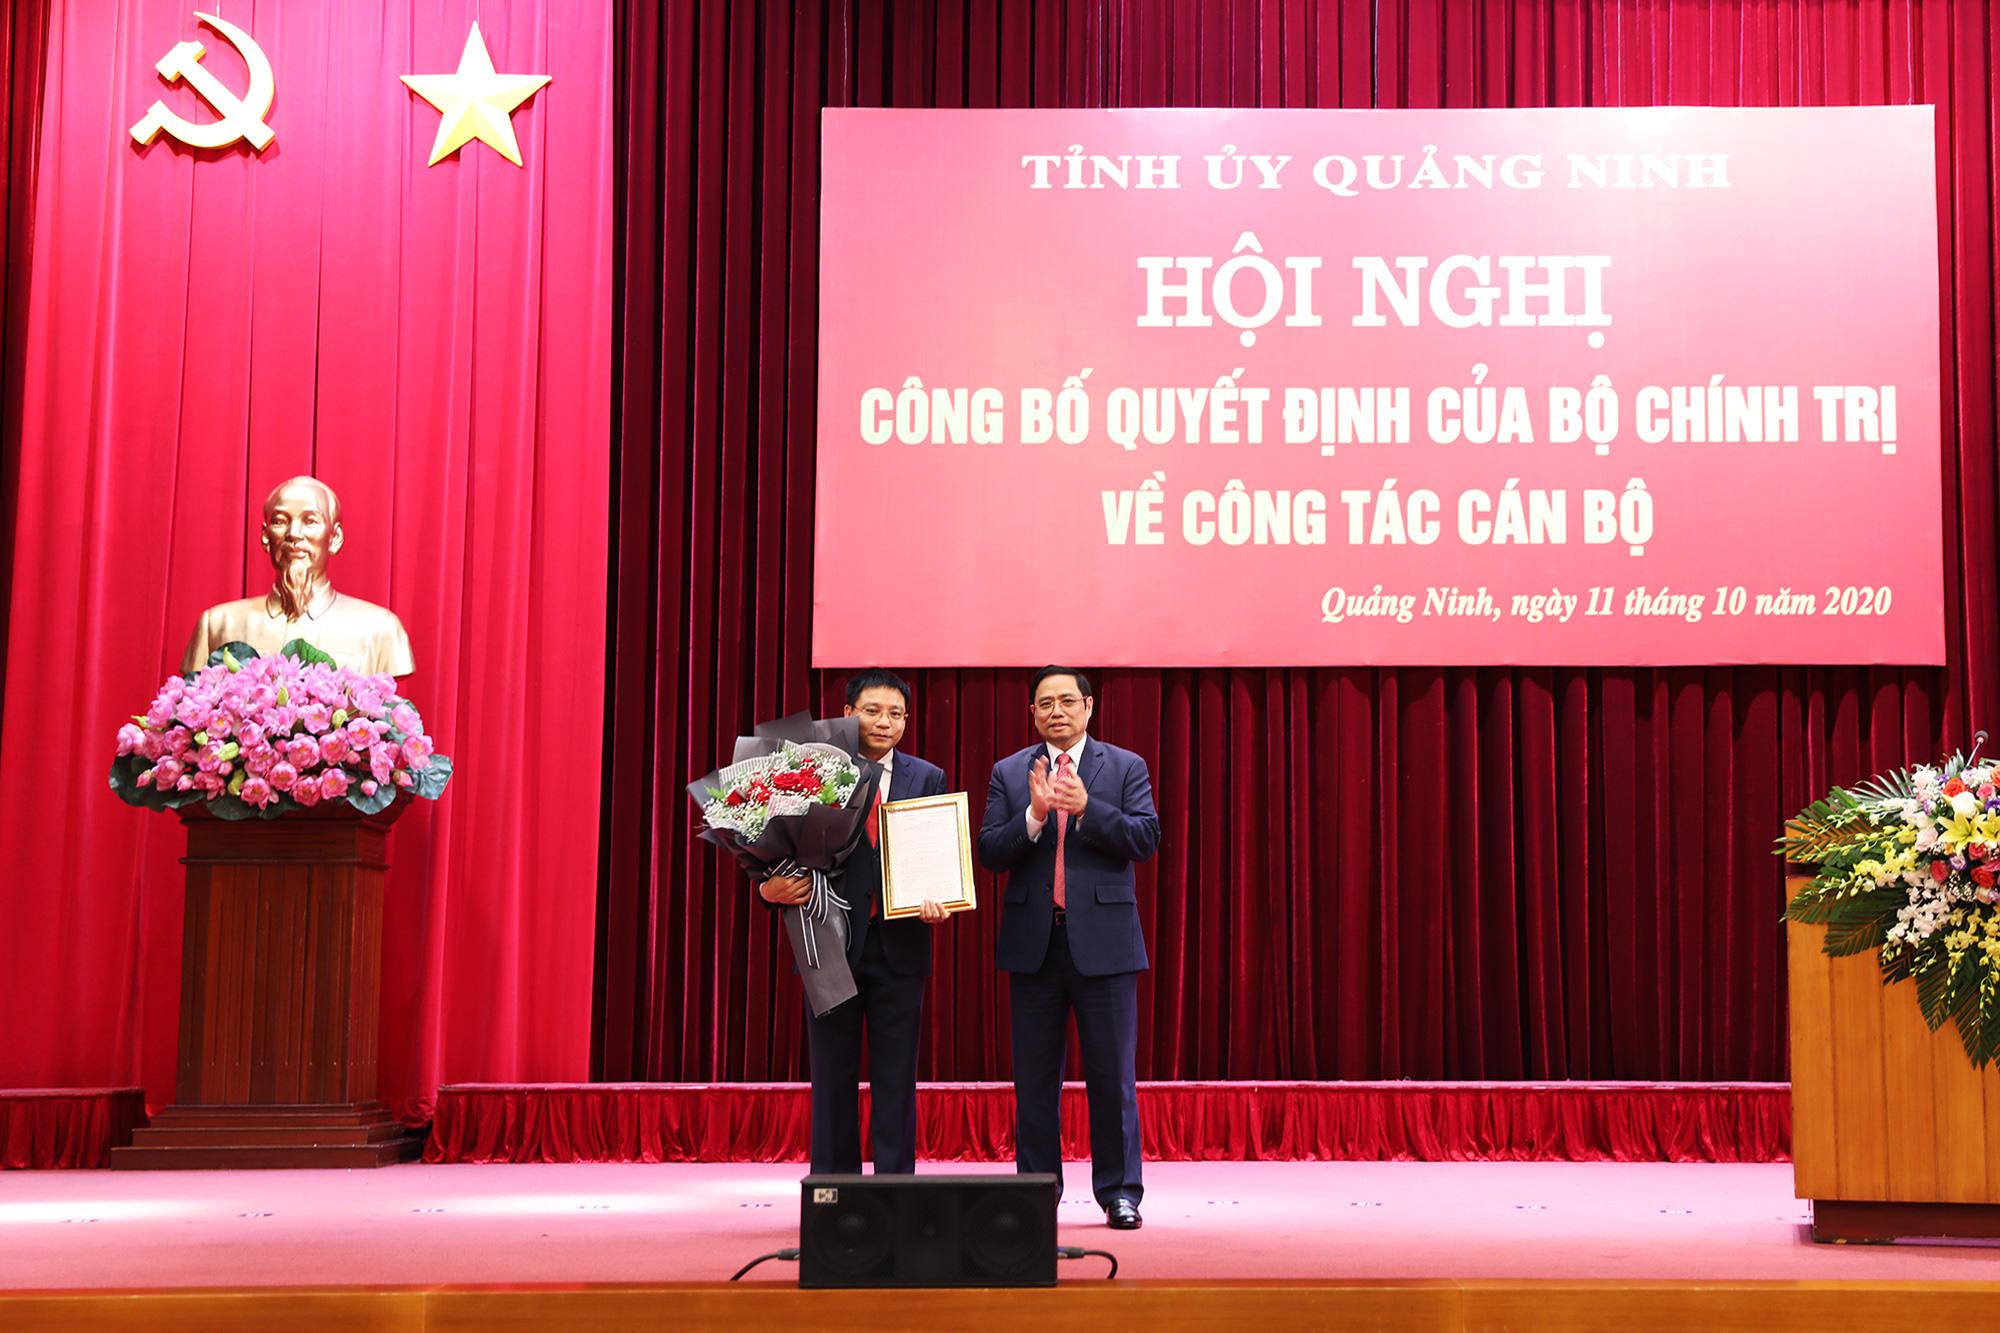 Ông Nguyễn Văn Thắng được giới thiệu bầu Bí thư Tỉnh ủy Điện Biên - Ảnh 1.